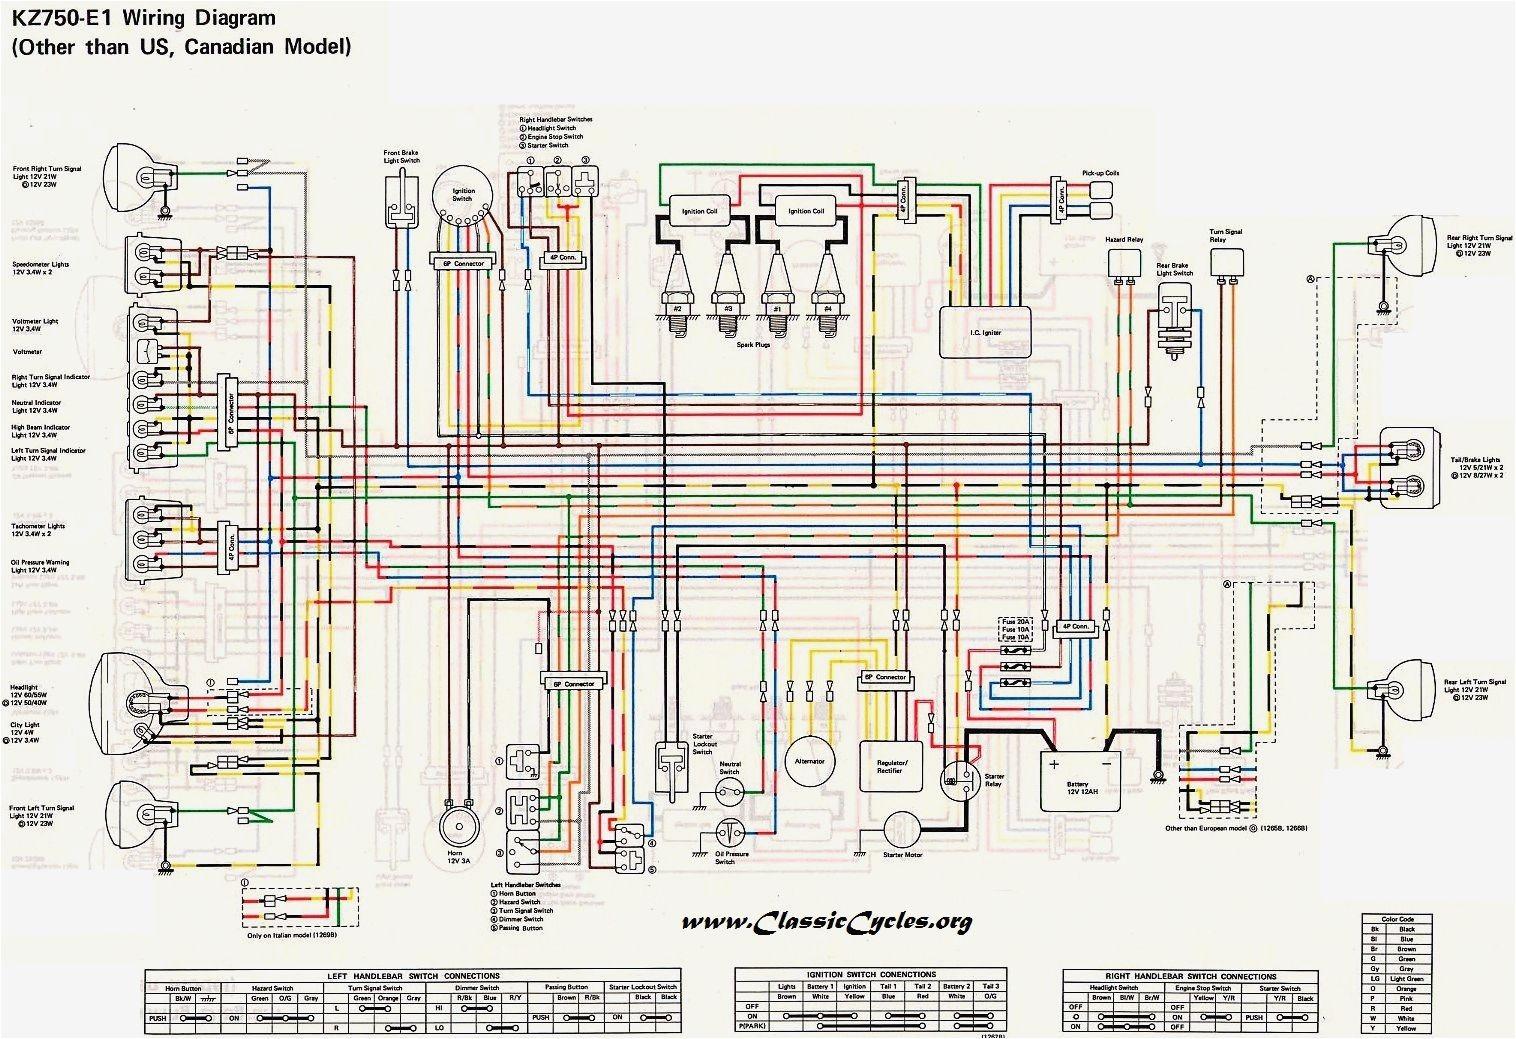 Banshee Wiring Diagram Awesome Image